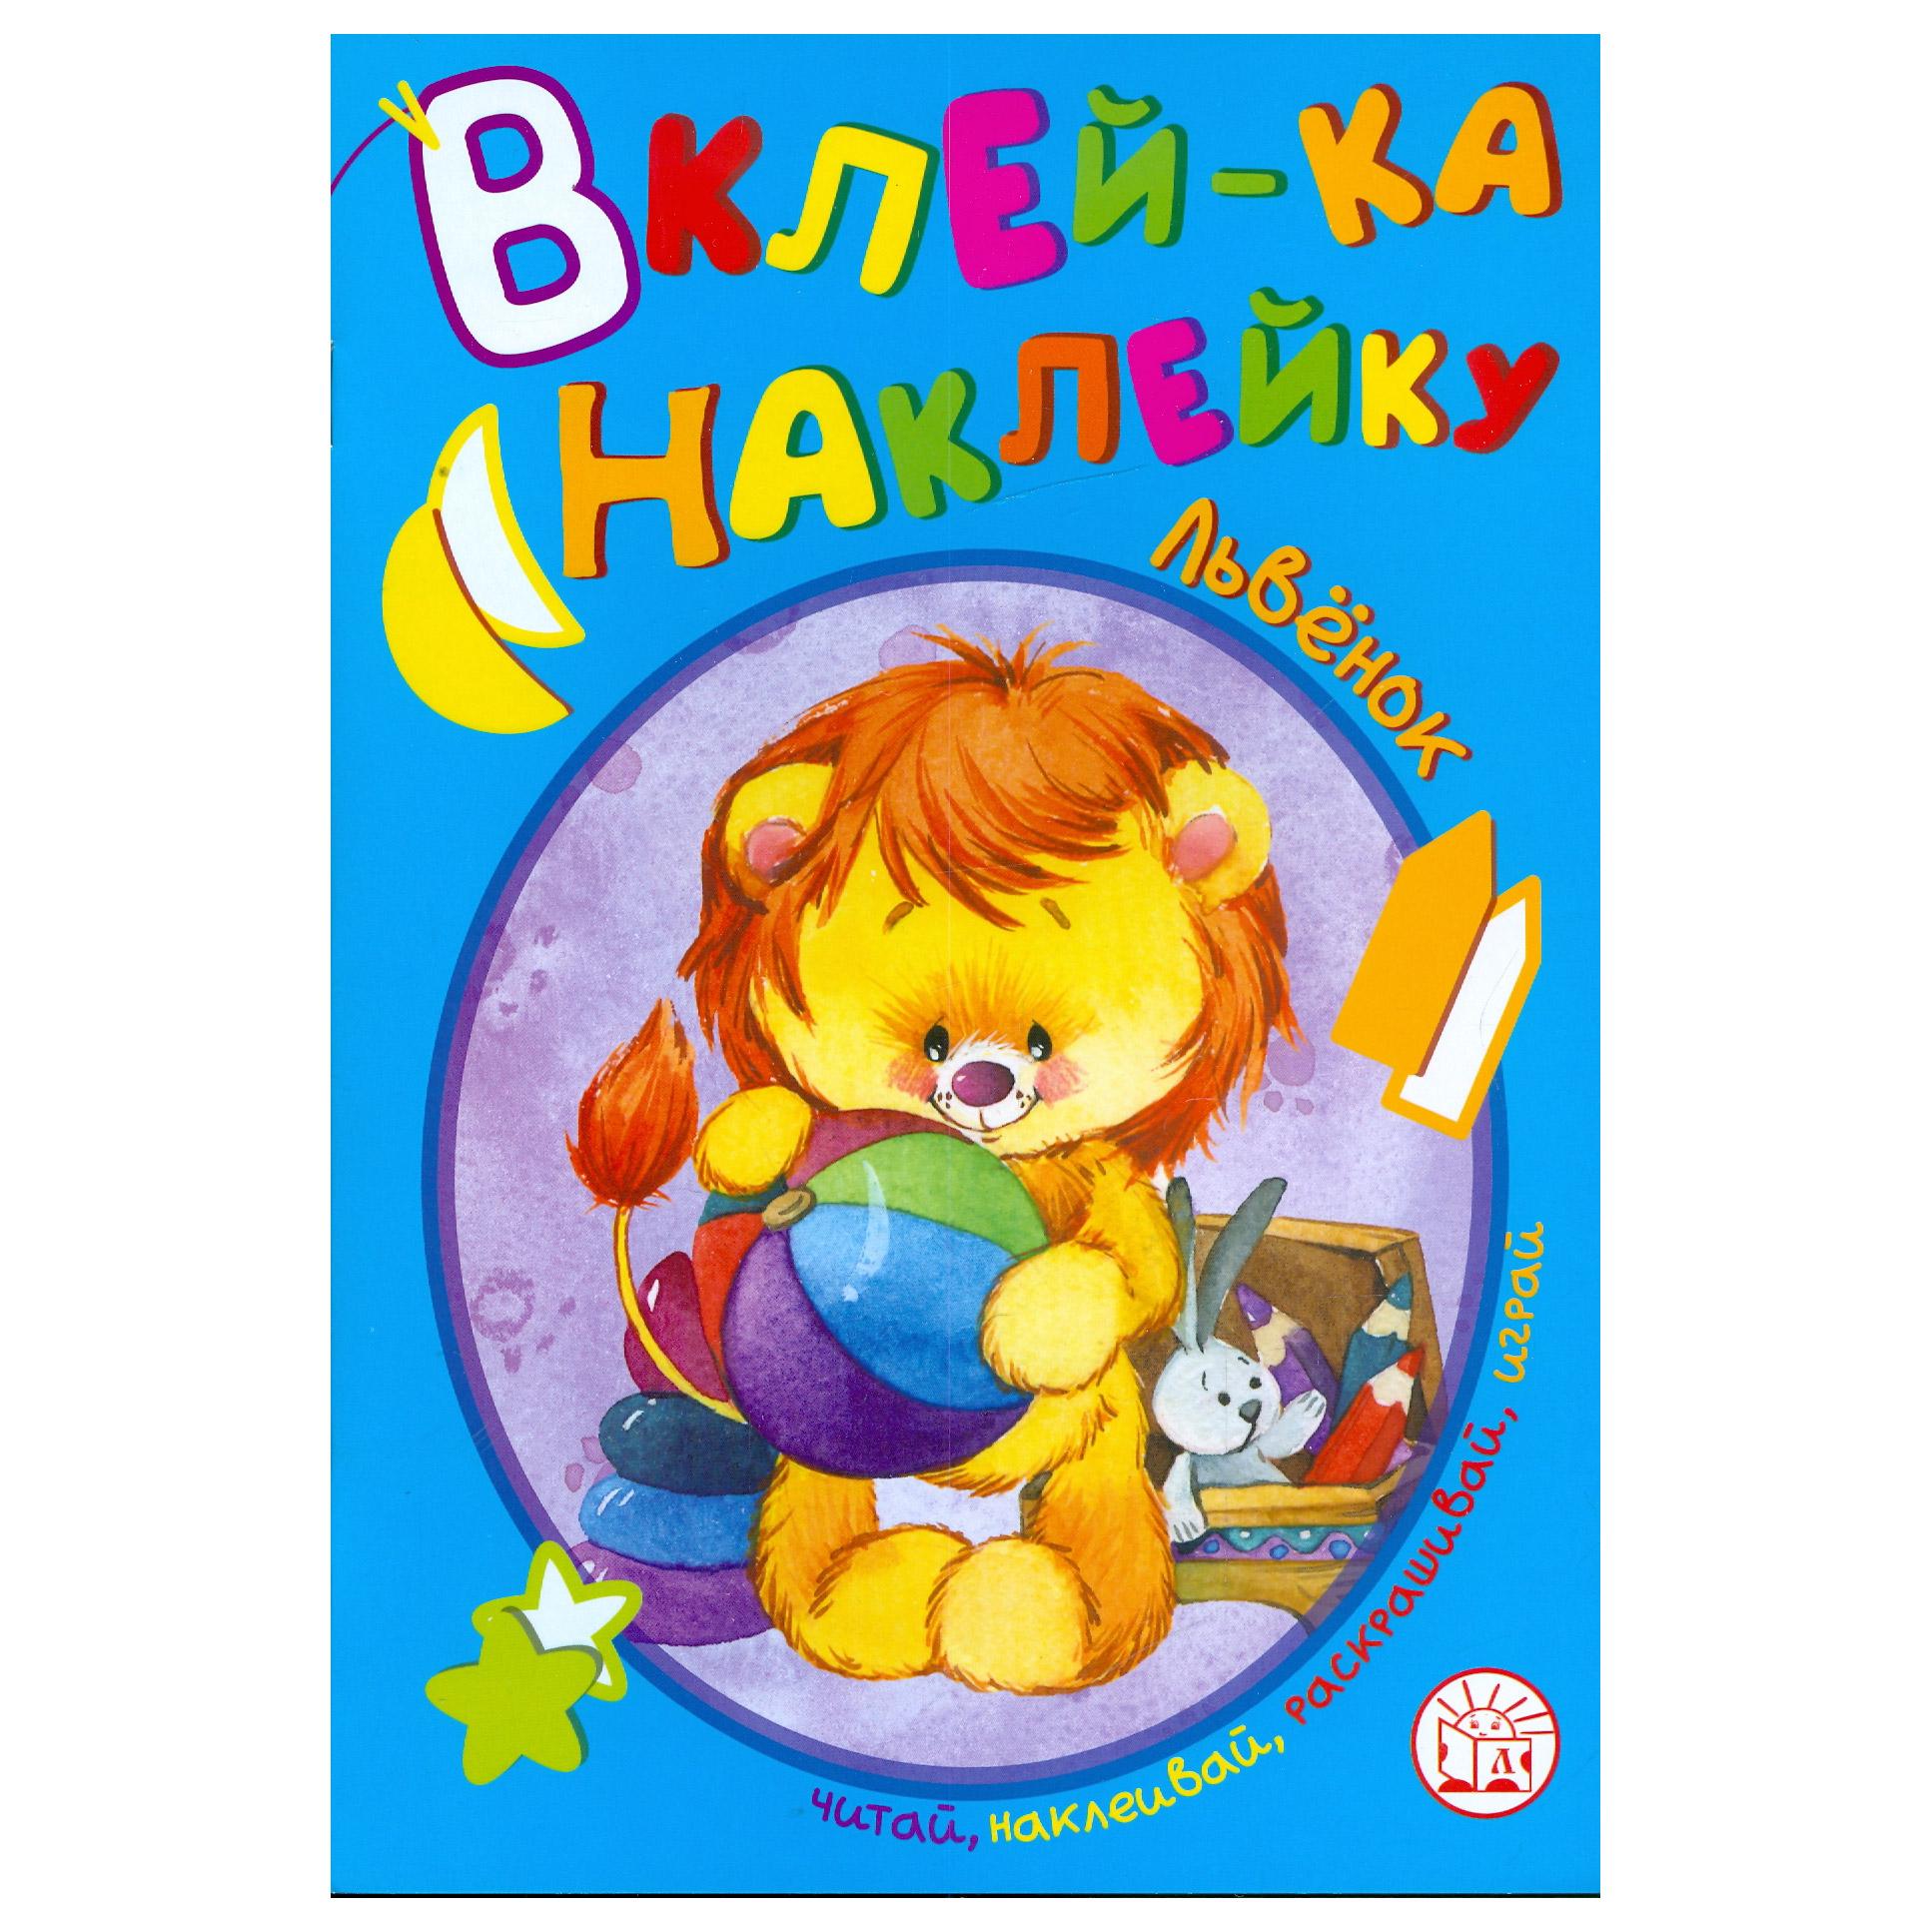 Книга Лабиринт Вклей-ка наклейку. Львенок